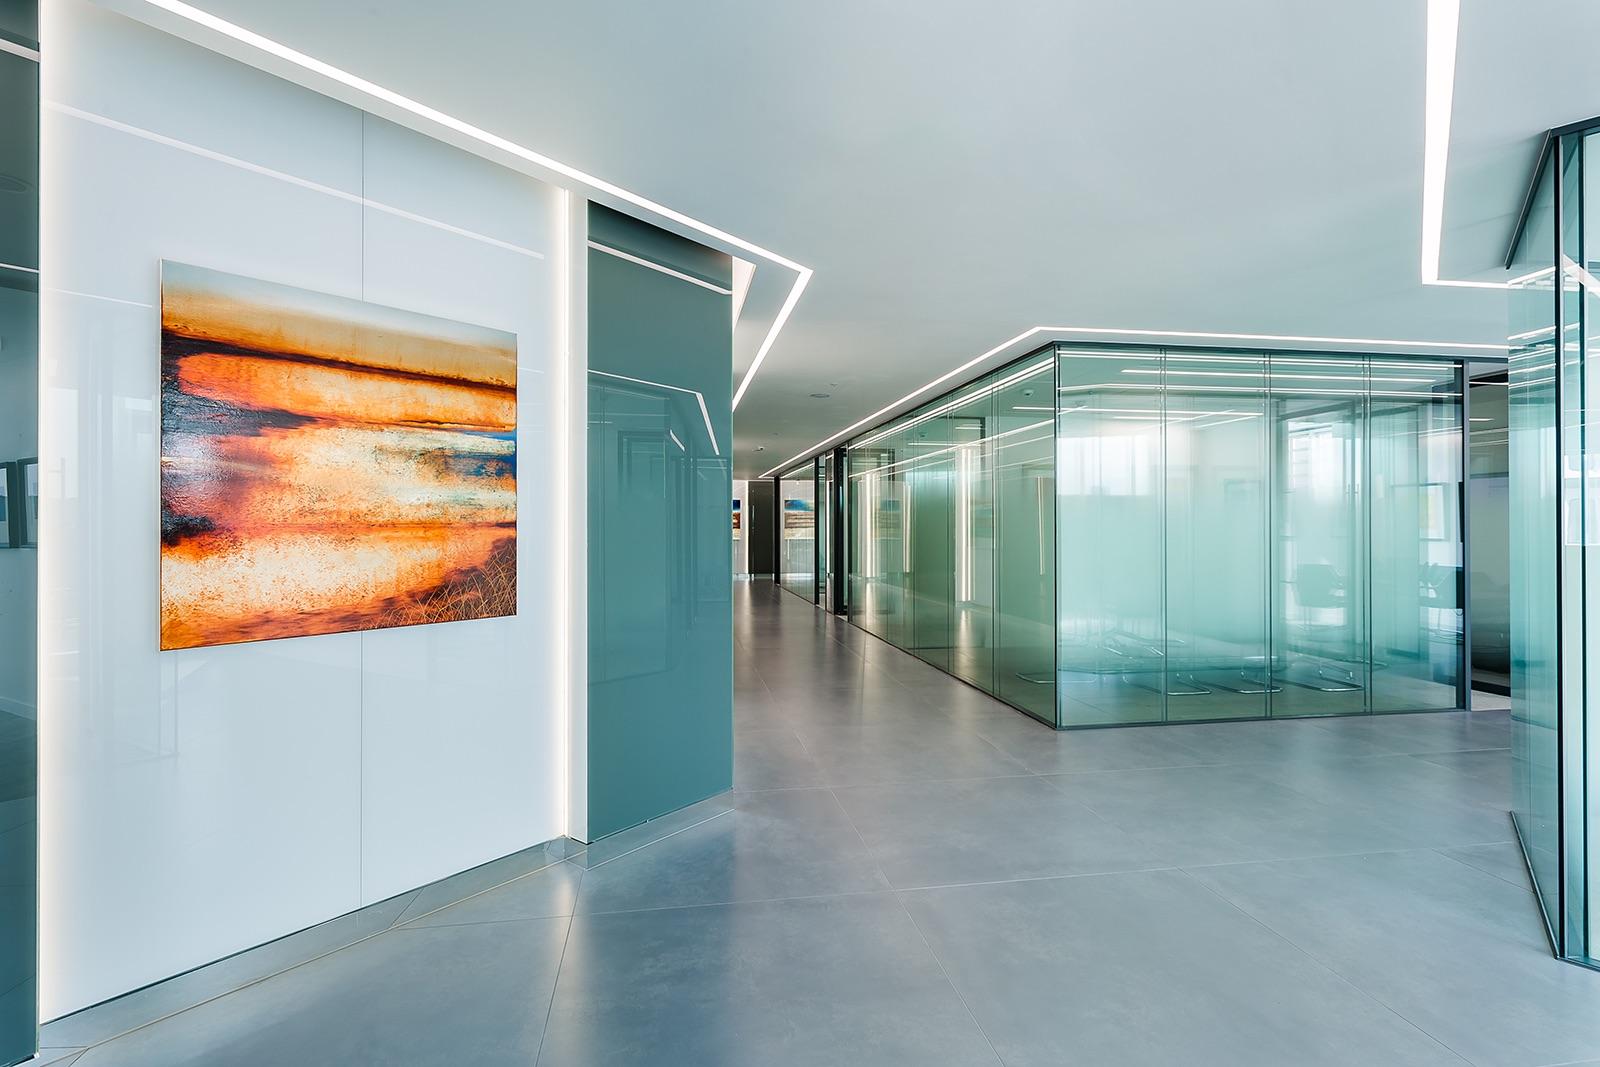 wedlake-bell-office-4